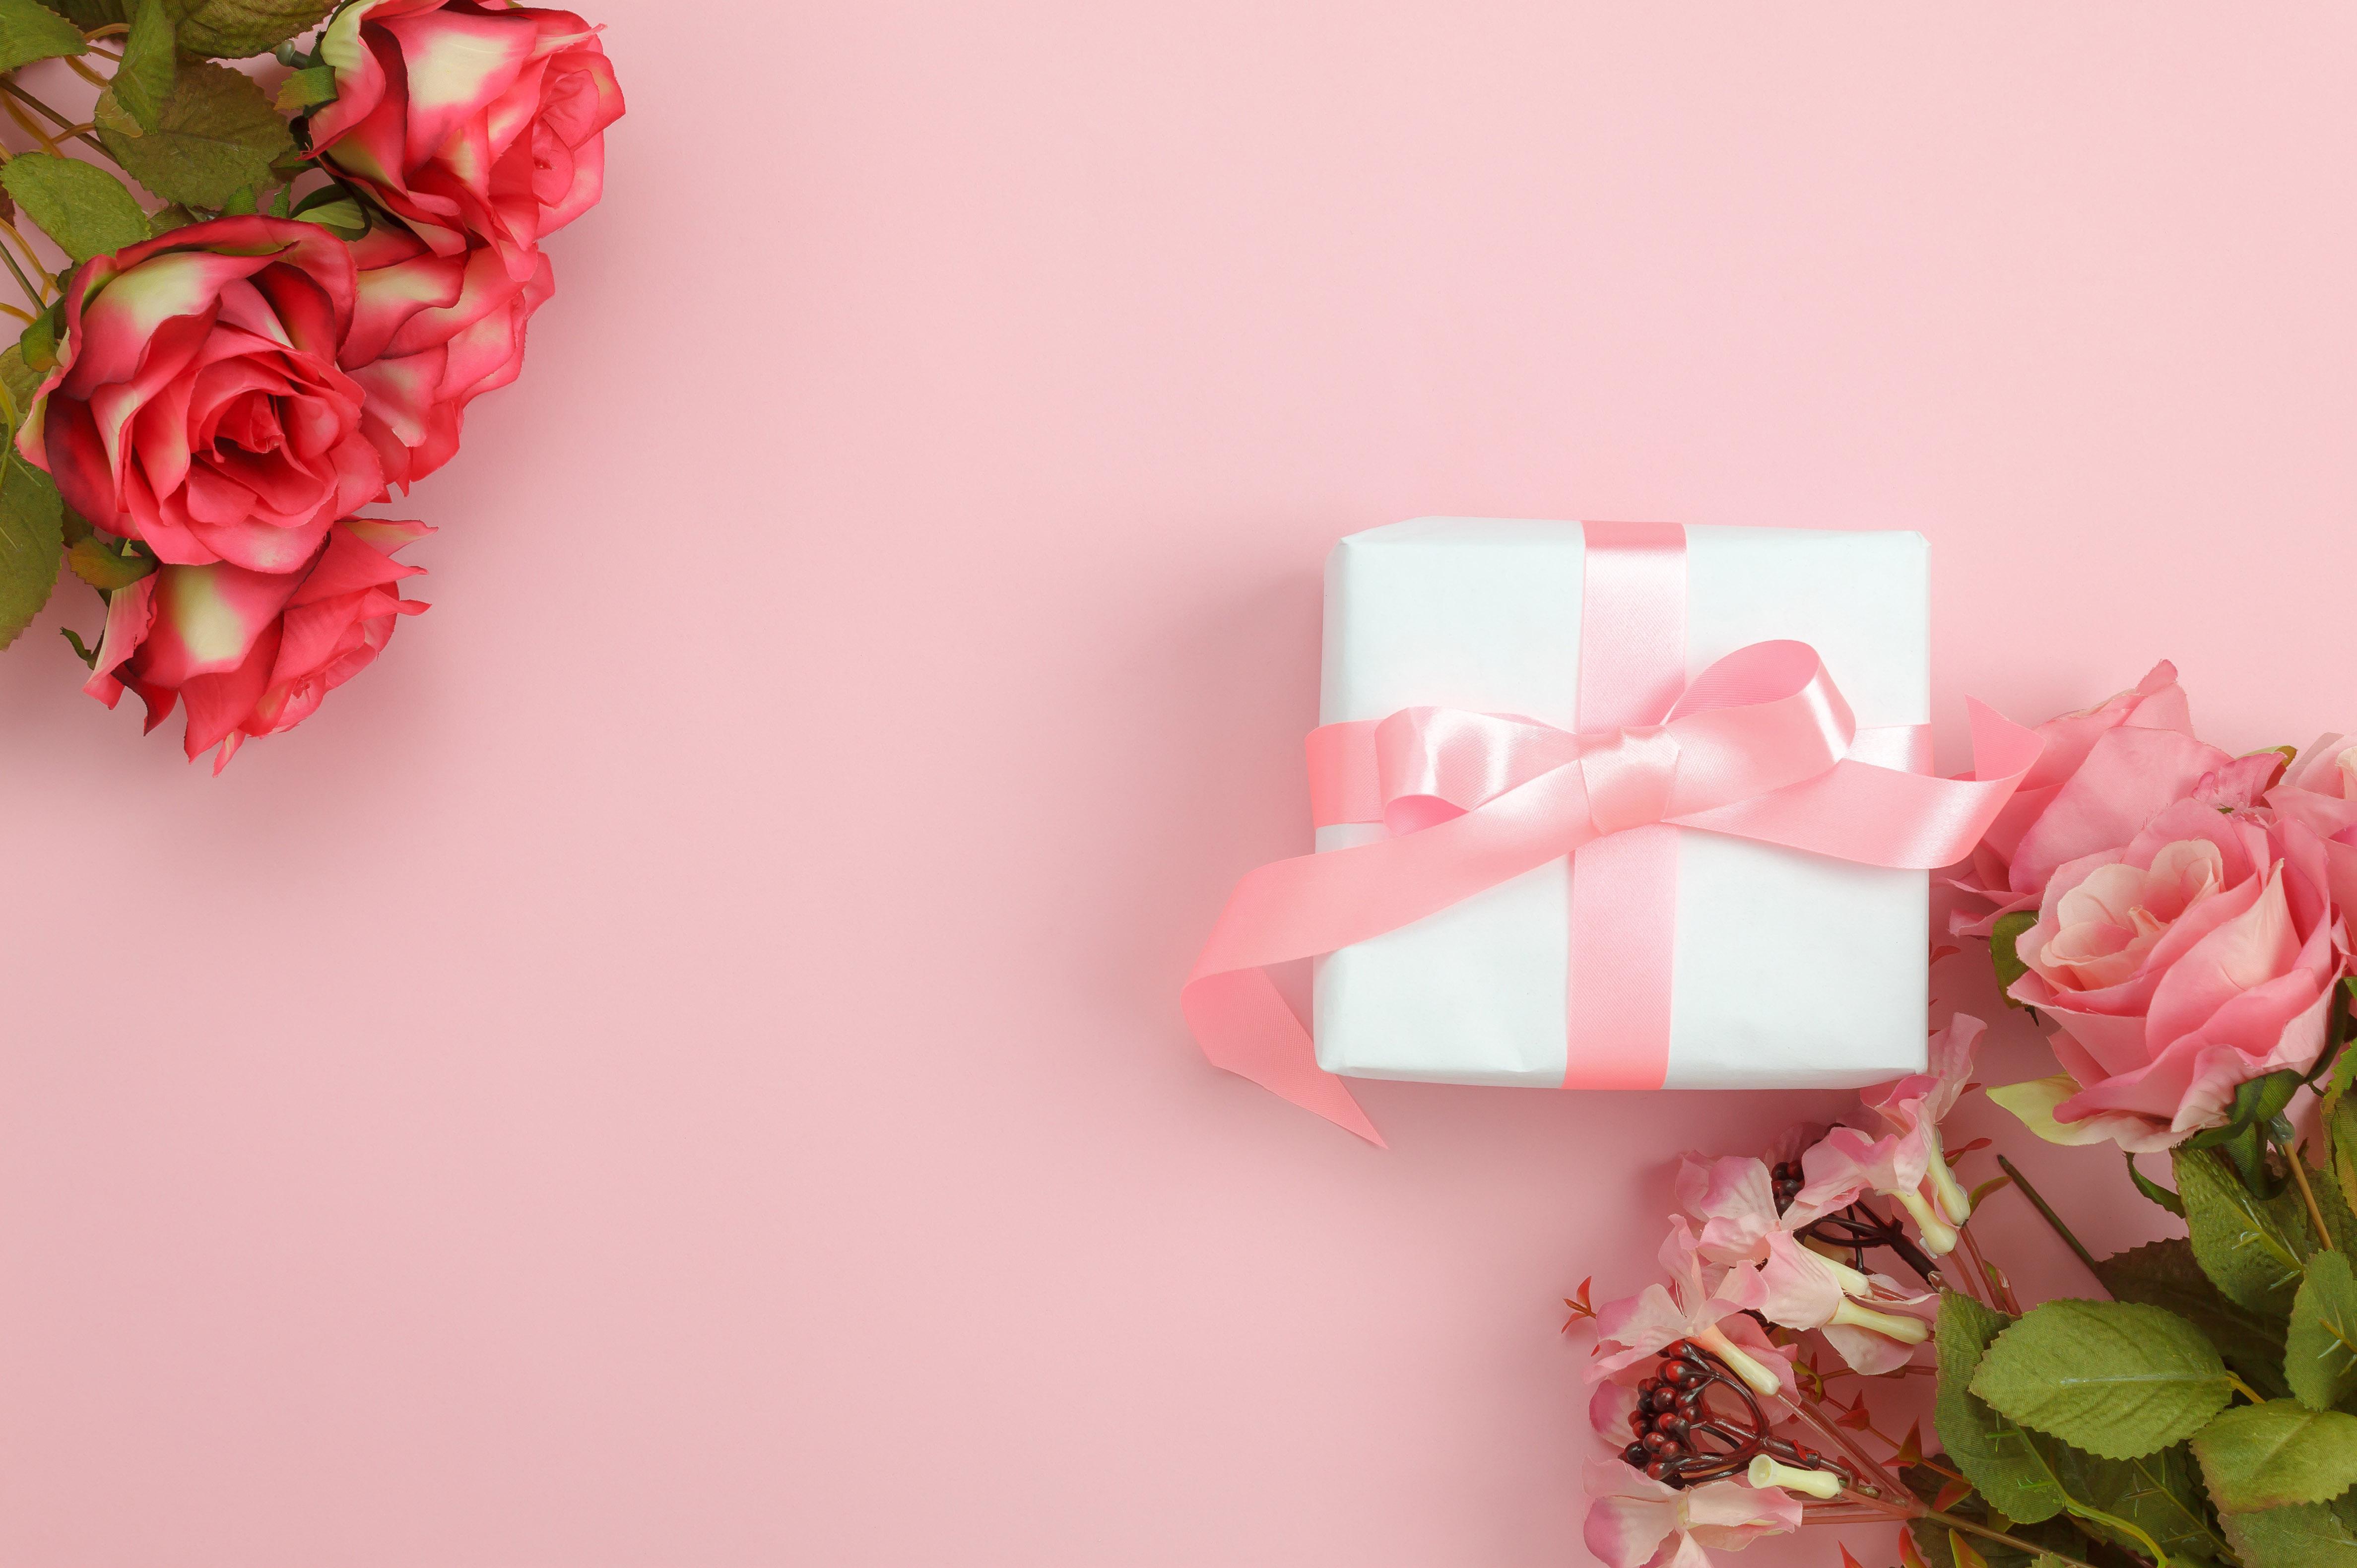 Розы с подарком на розовом фоне к 8 марта, 4750 на 3160 пикселей